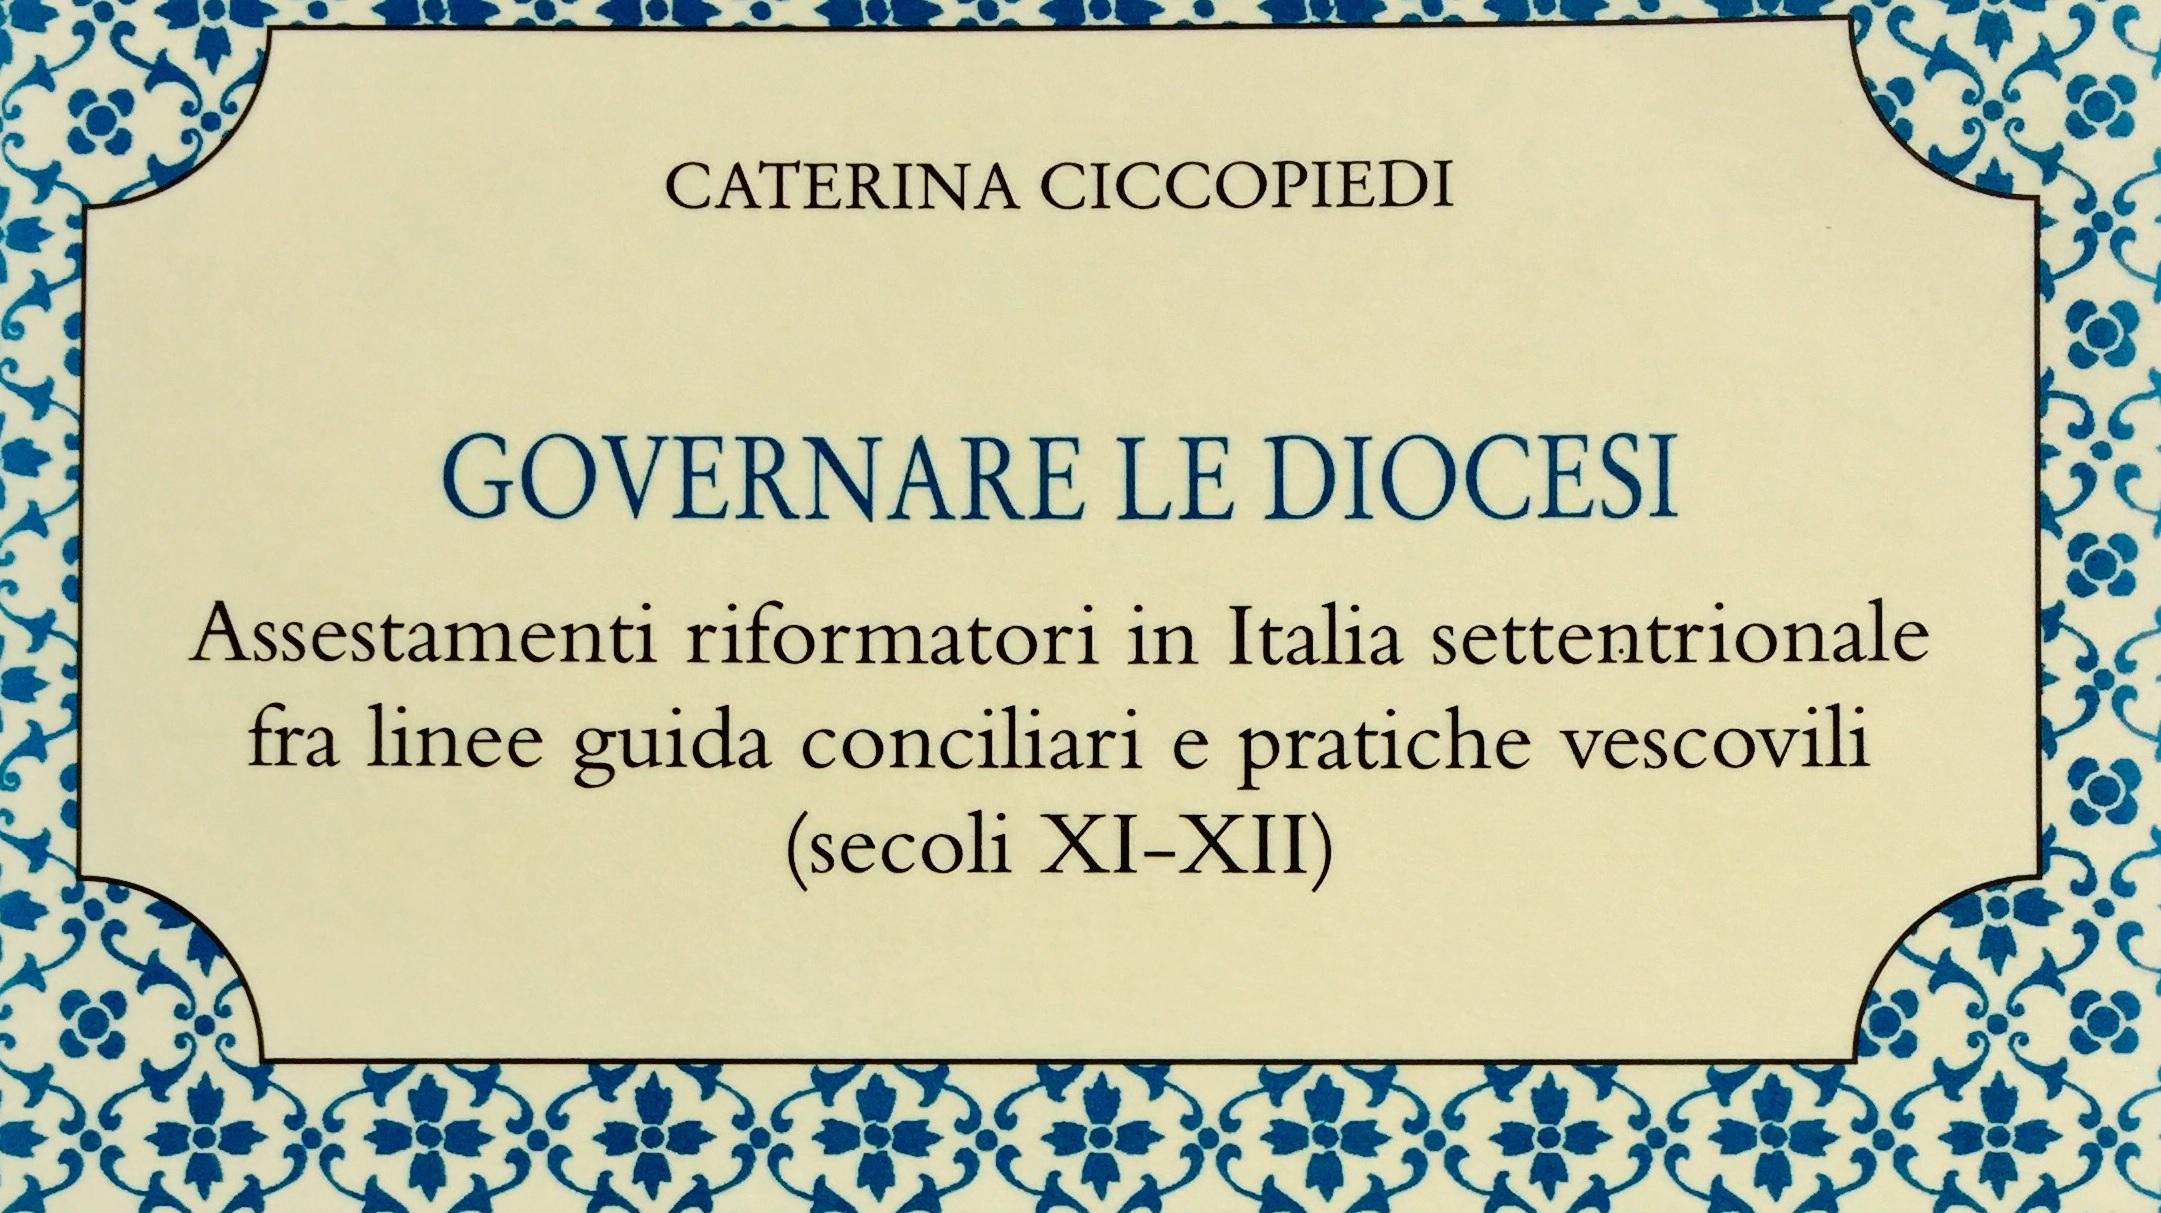 COPERTINA_Ciccopiedi01